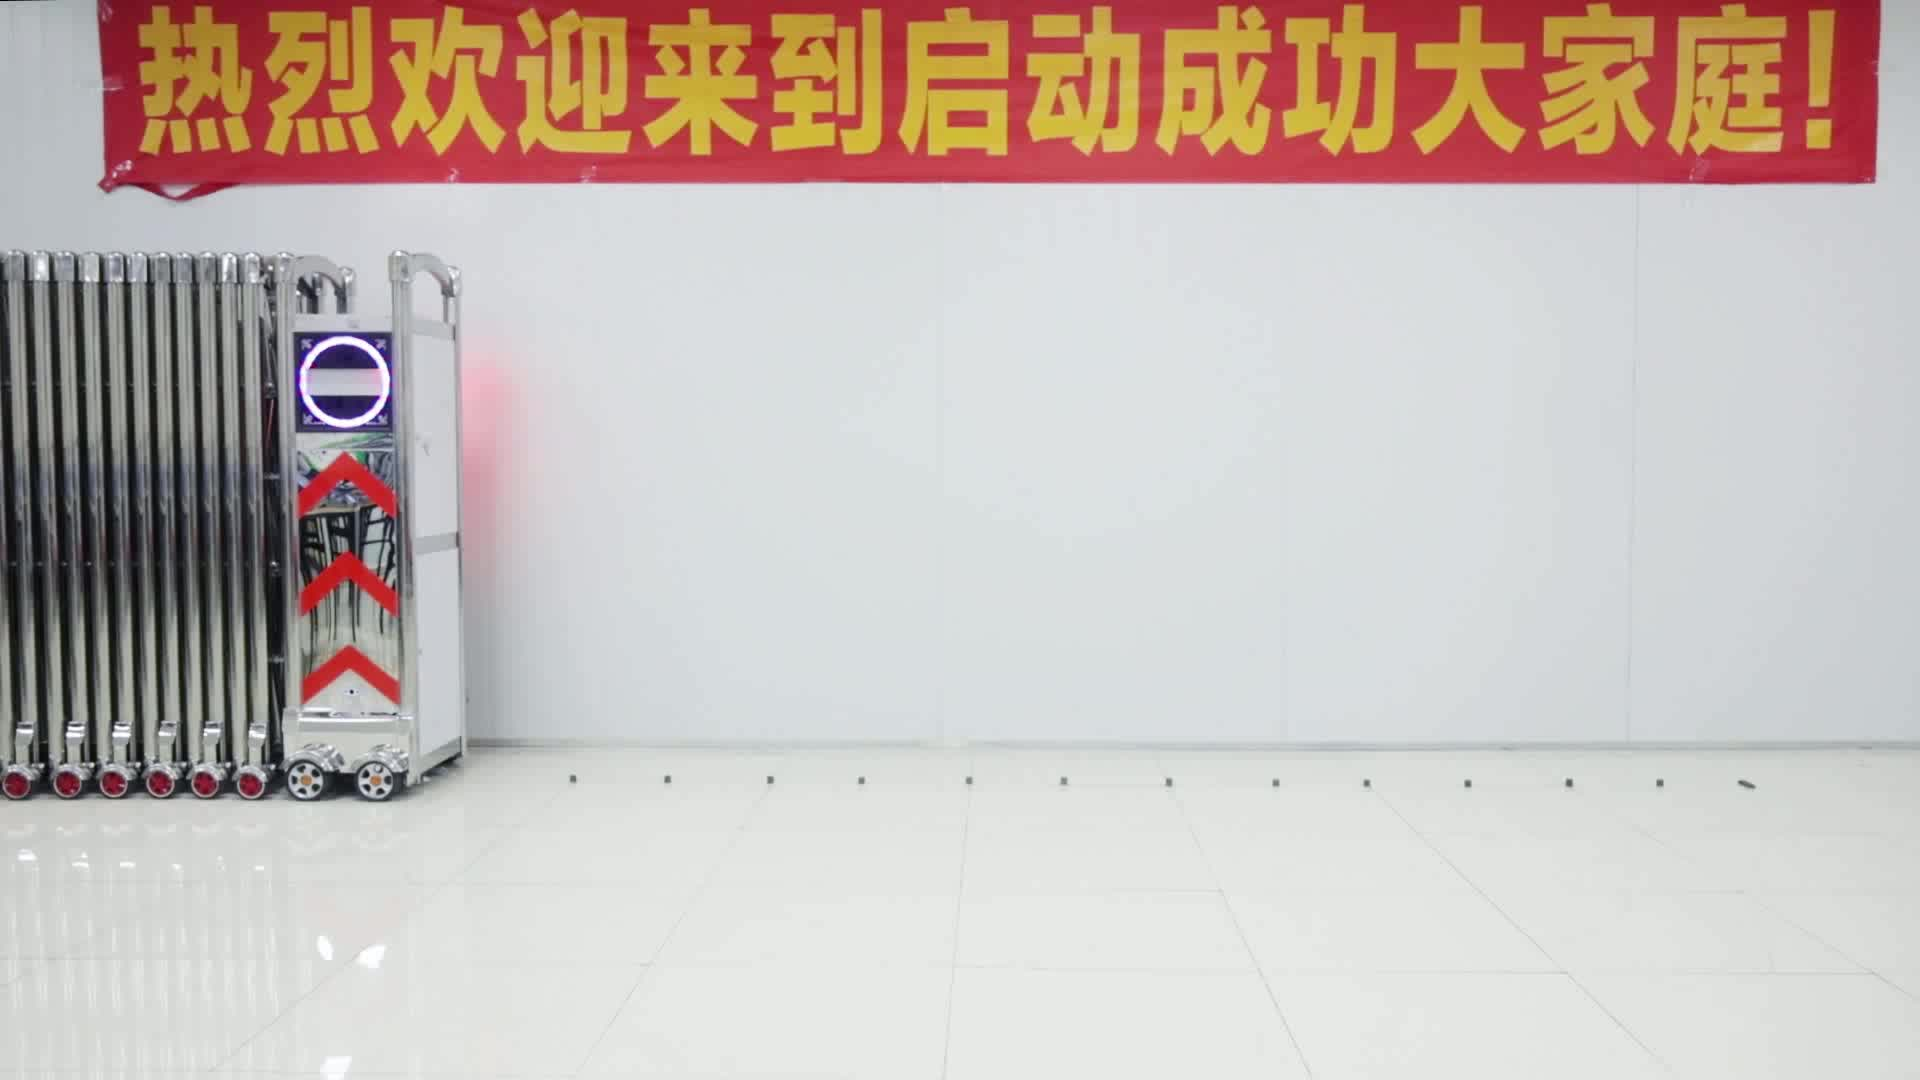 האוטומטי אלסטי דרך גבוהה שער מחסום שער דלת כניסה מכירה חשמלית QG-J1722 בארי r לתעשייה עם ציפוי אבקה